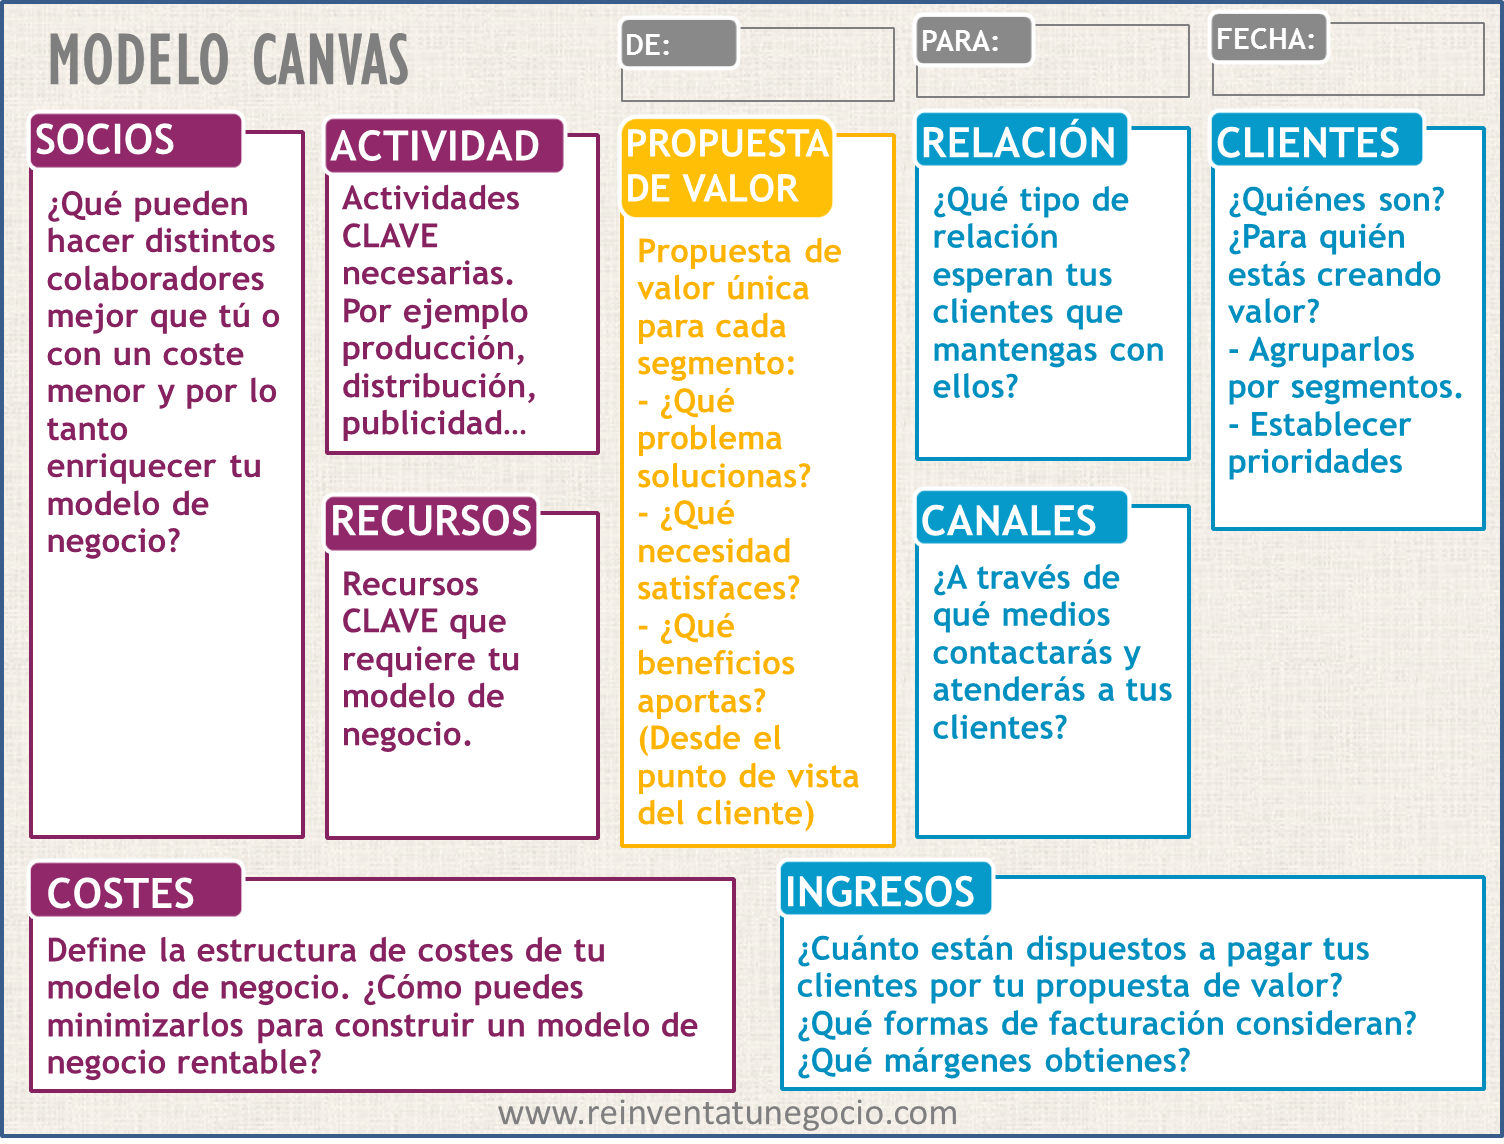 Modelo canvas de negocio ejemplo buscar con google - Interioristas espanoles ...